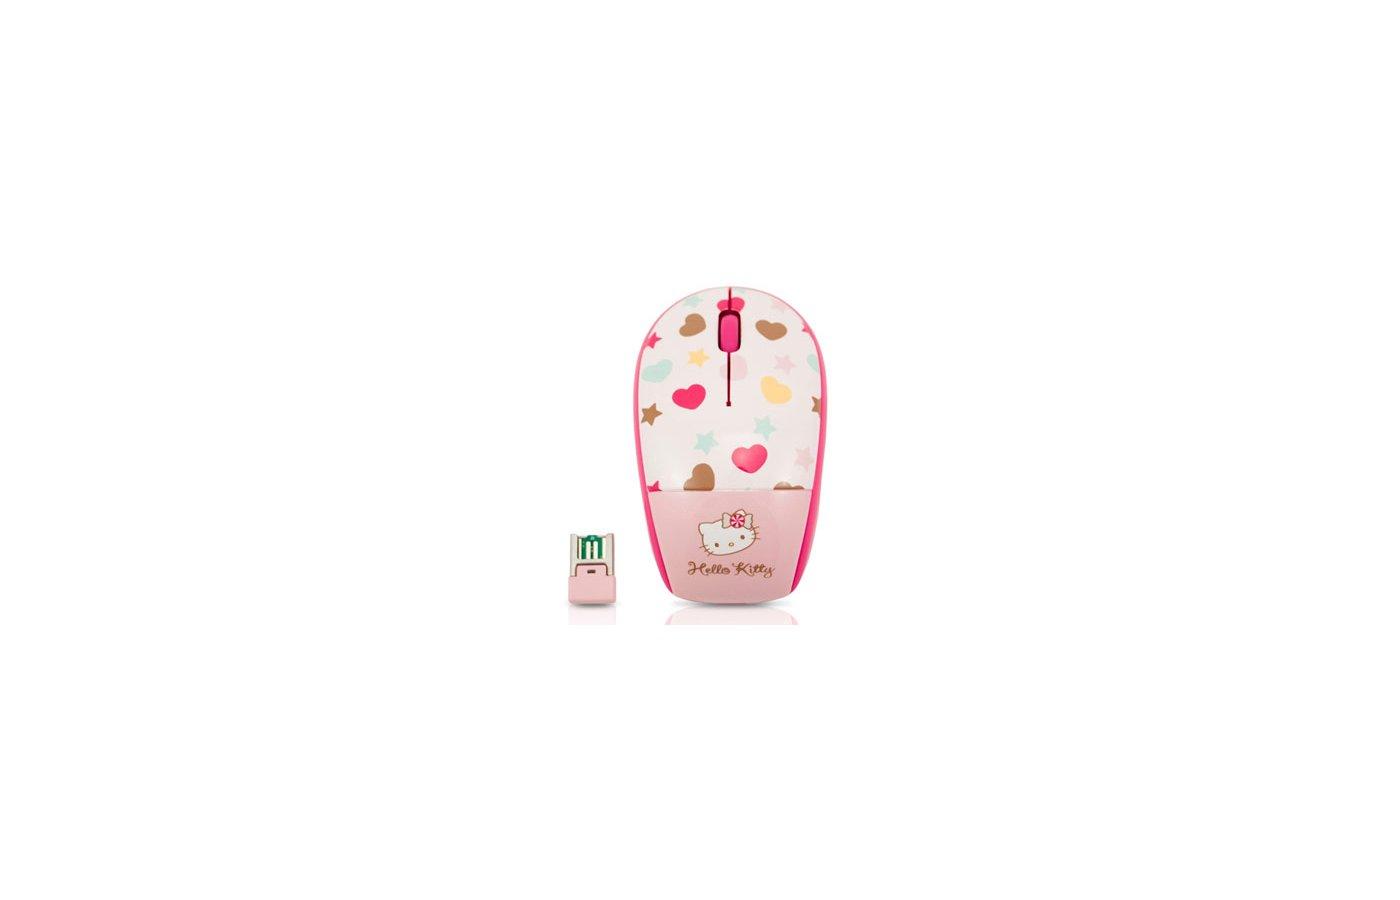 Мышь беспроводная Genius Traveler 9000 Hello Kitty розовый/белый/черный оптическая (1200dpi) беспроводная USB для ноут